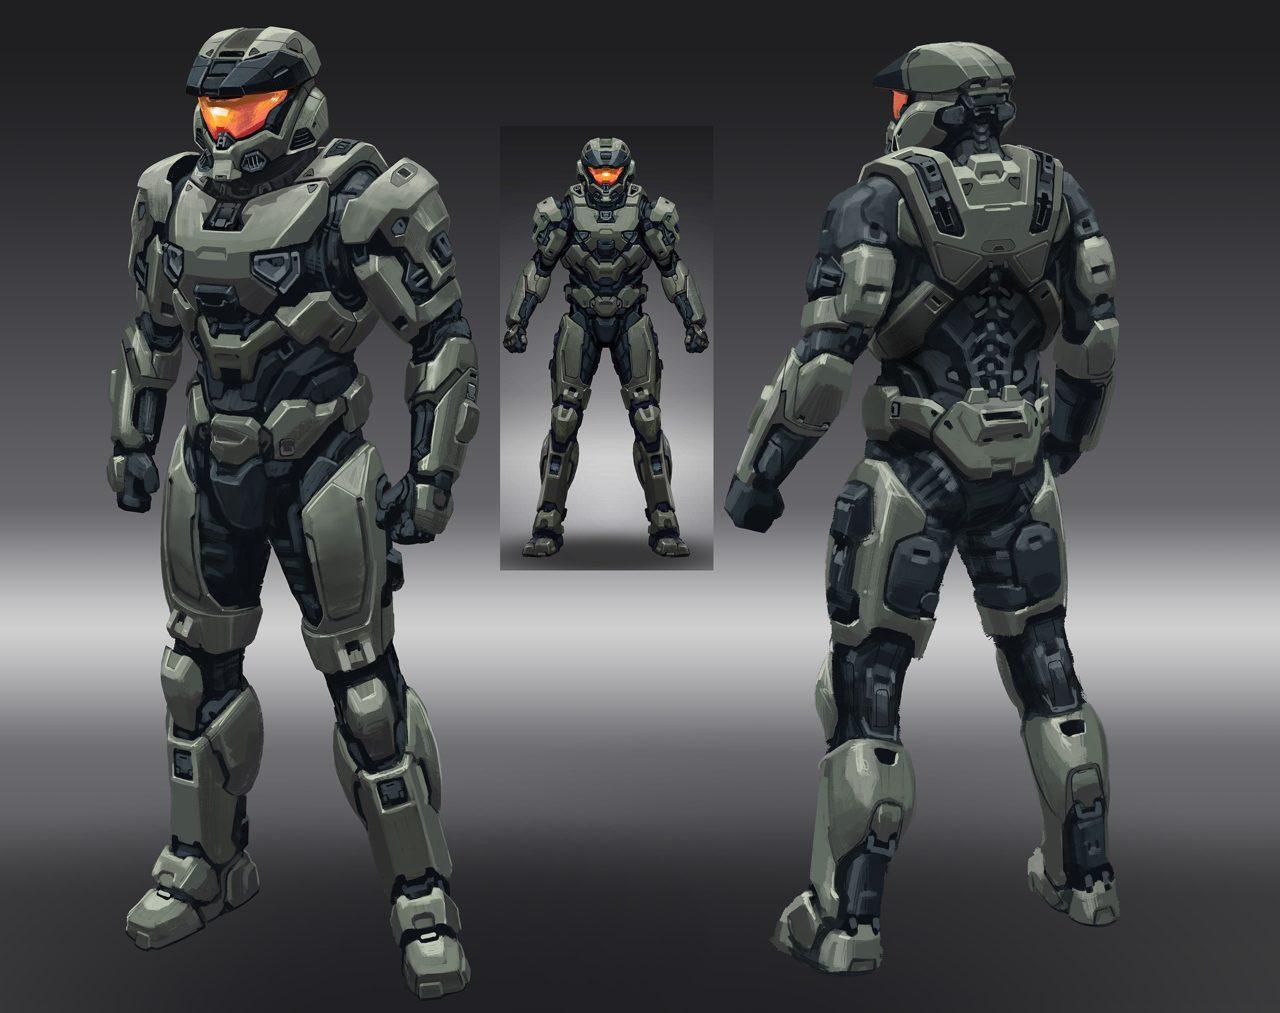 Desvelado un nuevo enemigo de Halo Infinite y el diseño de la Mark VII - 343 Industries ha revelado nueva información sobre elementos que veremos en Halo Infinite, como un nuevo enemigo Élite y un nuevo modelo de armadura.